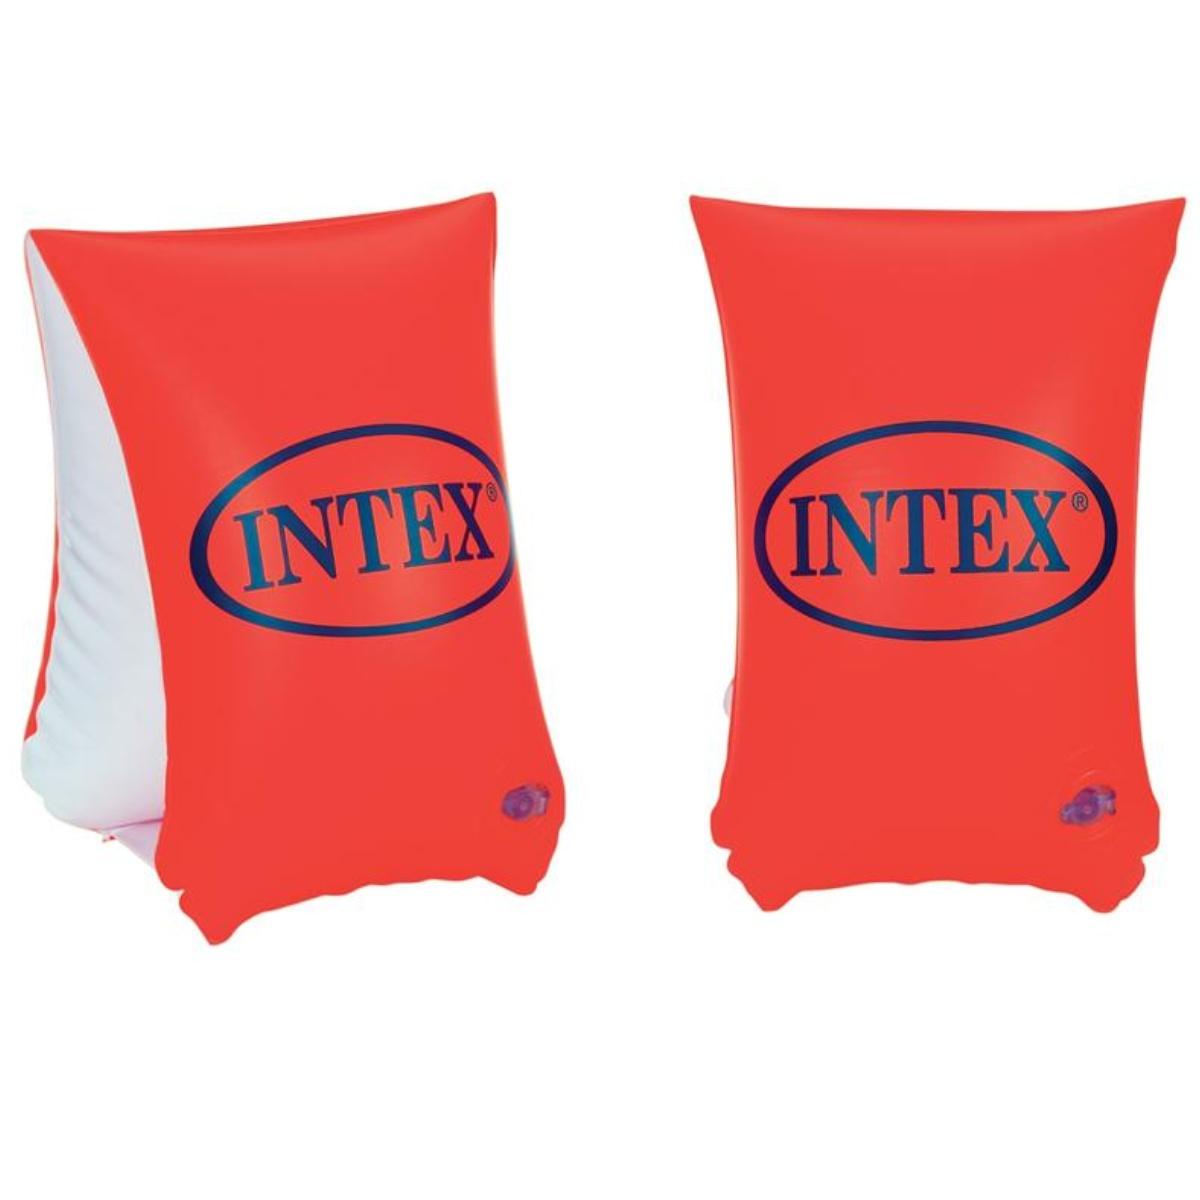 Nafukovací rukávky INTEX 30x15 cm